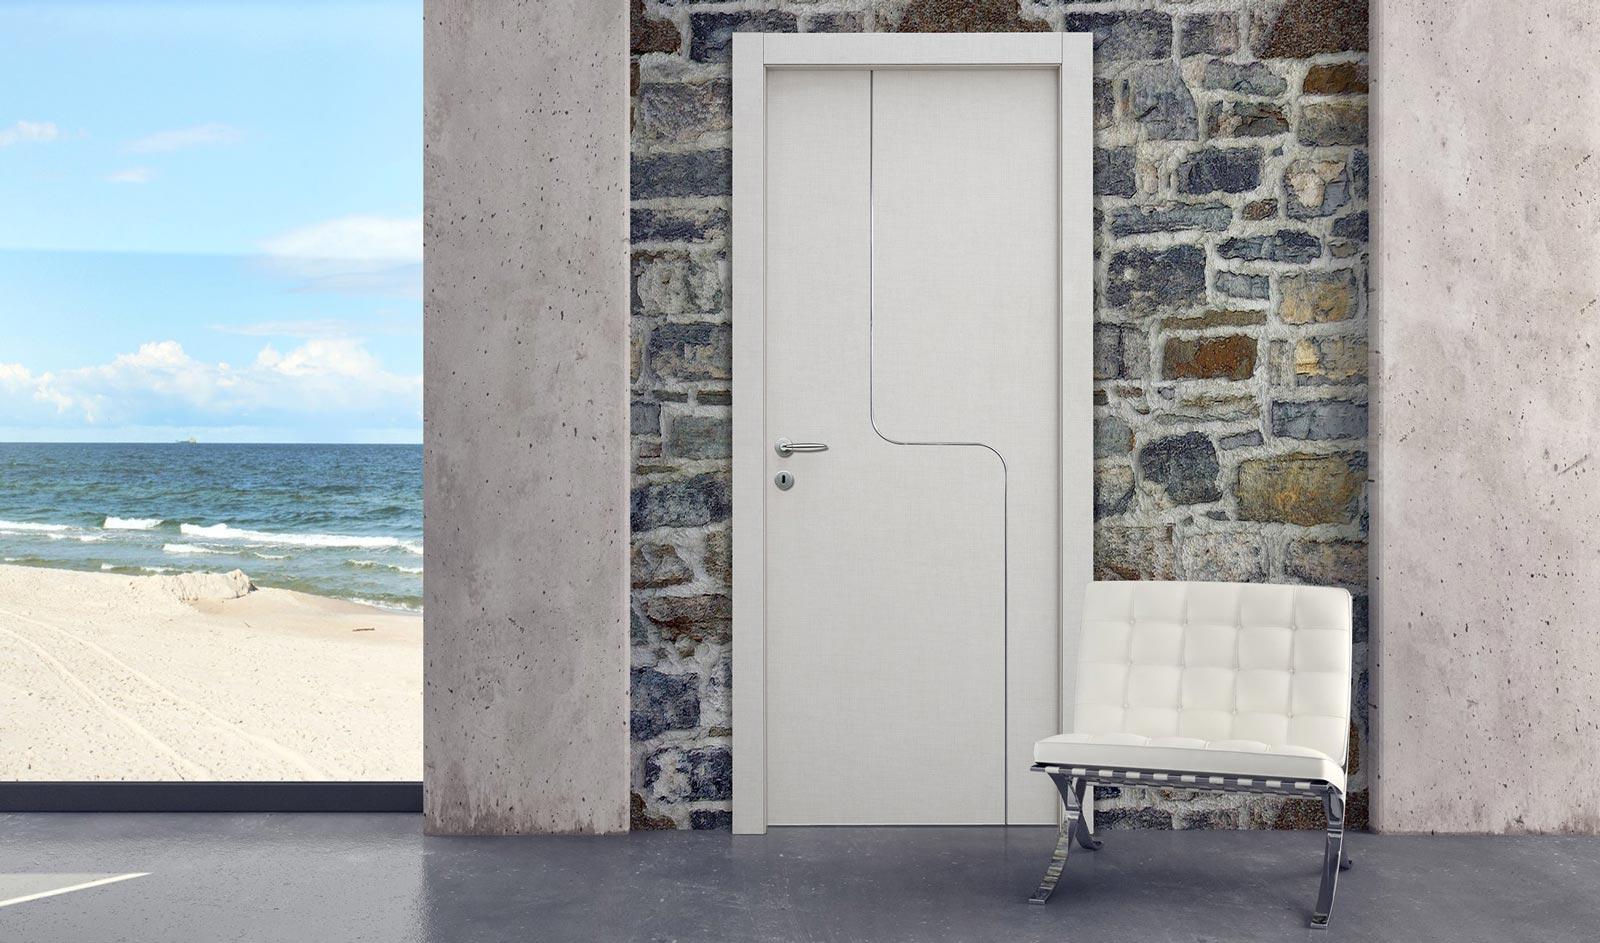 Montaggio porta interna 28 images casa immobiliare - Montaggio porte interne video ...